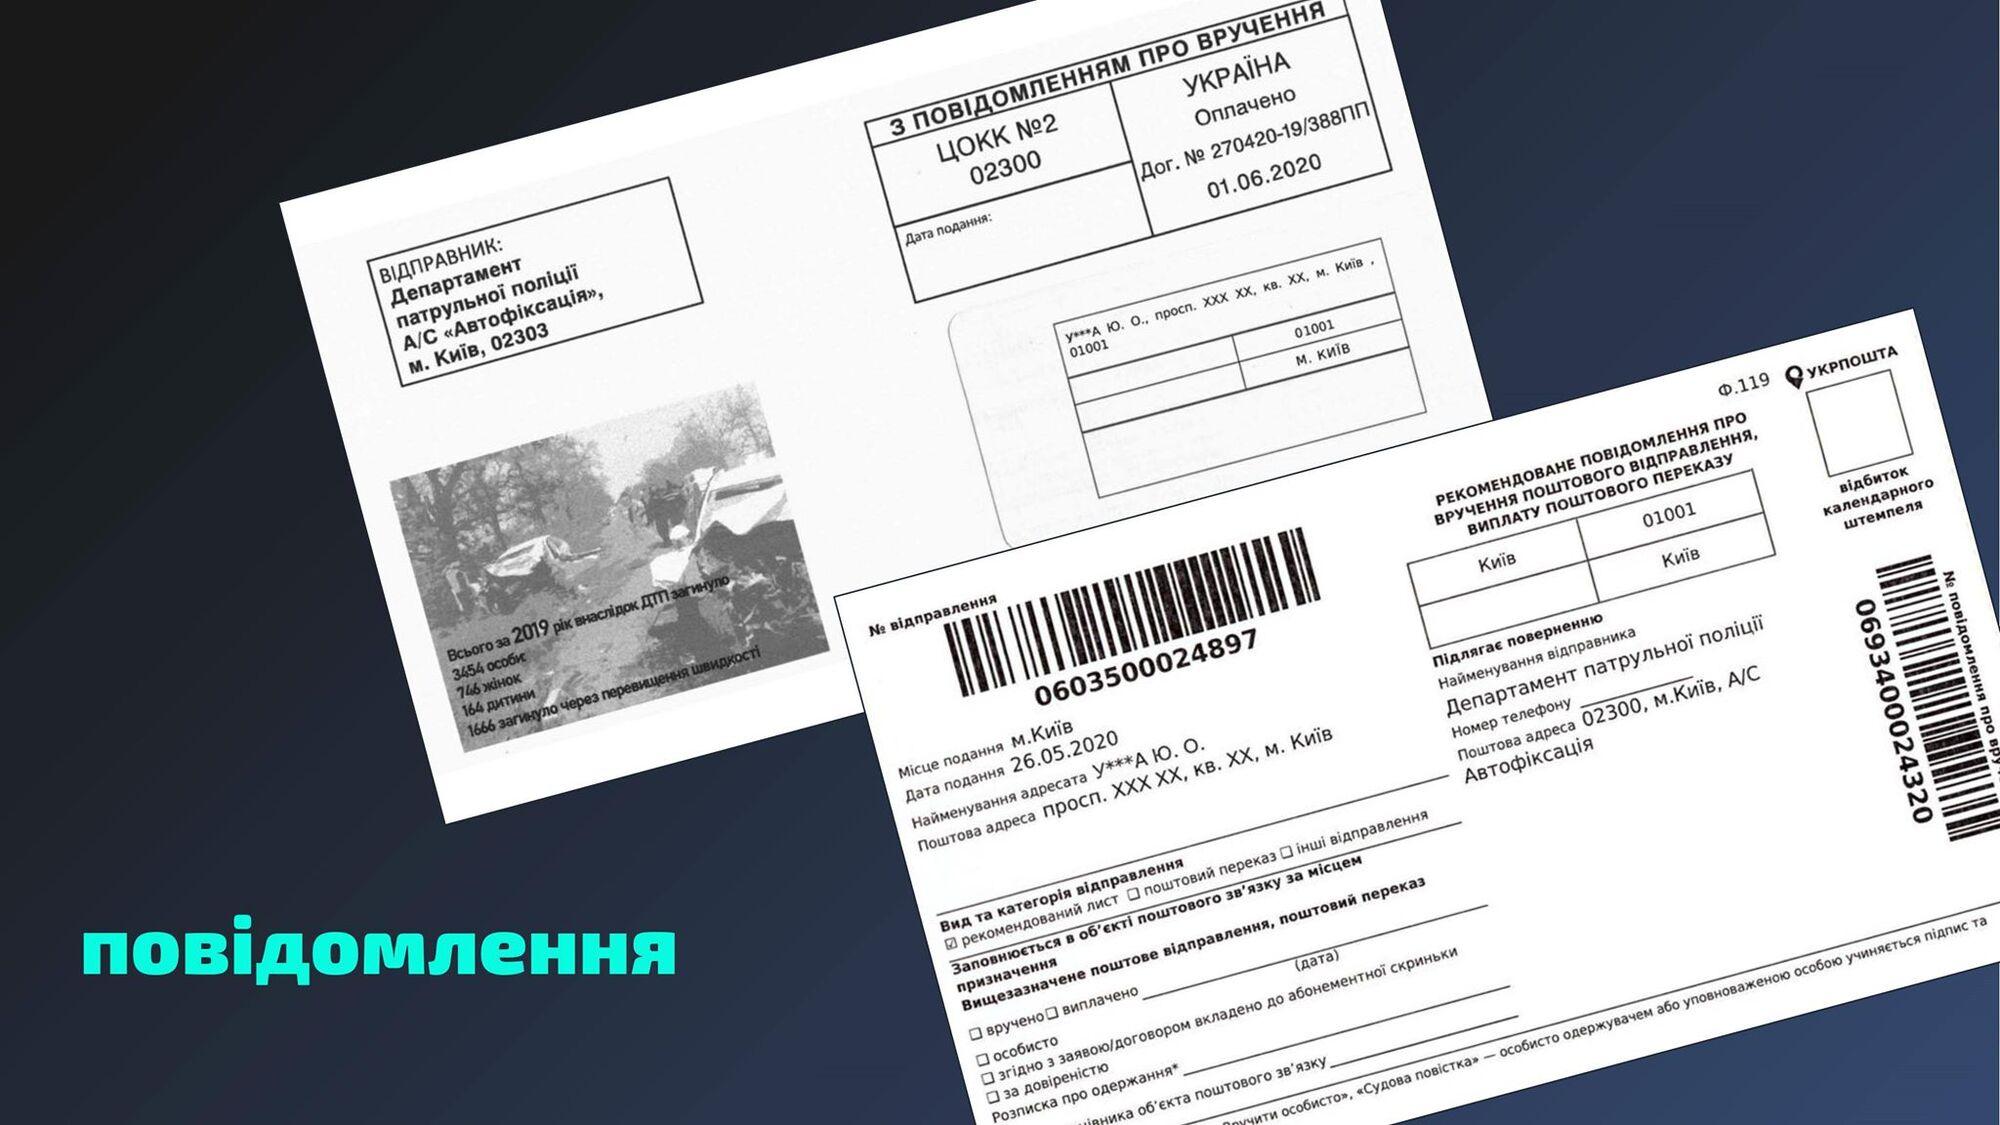 В Україні запускається відеофіксація порушень ПДР: все, що потрібно знати